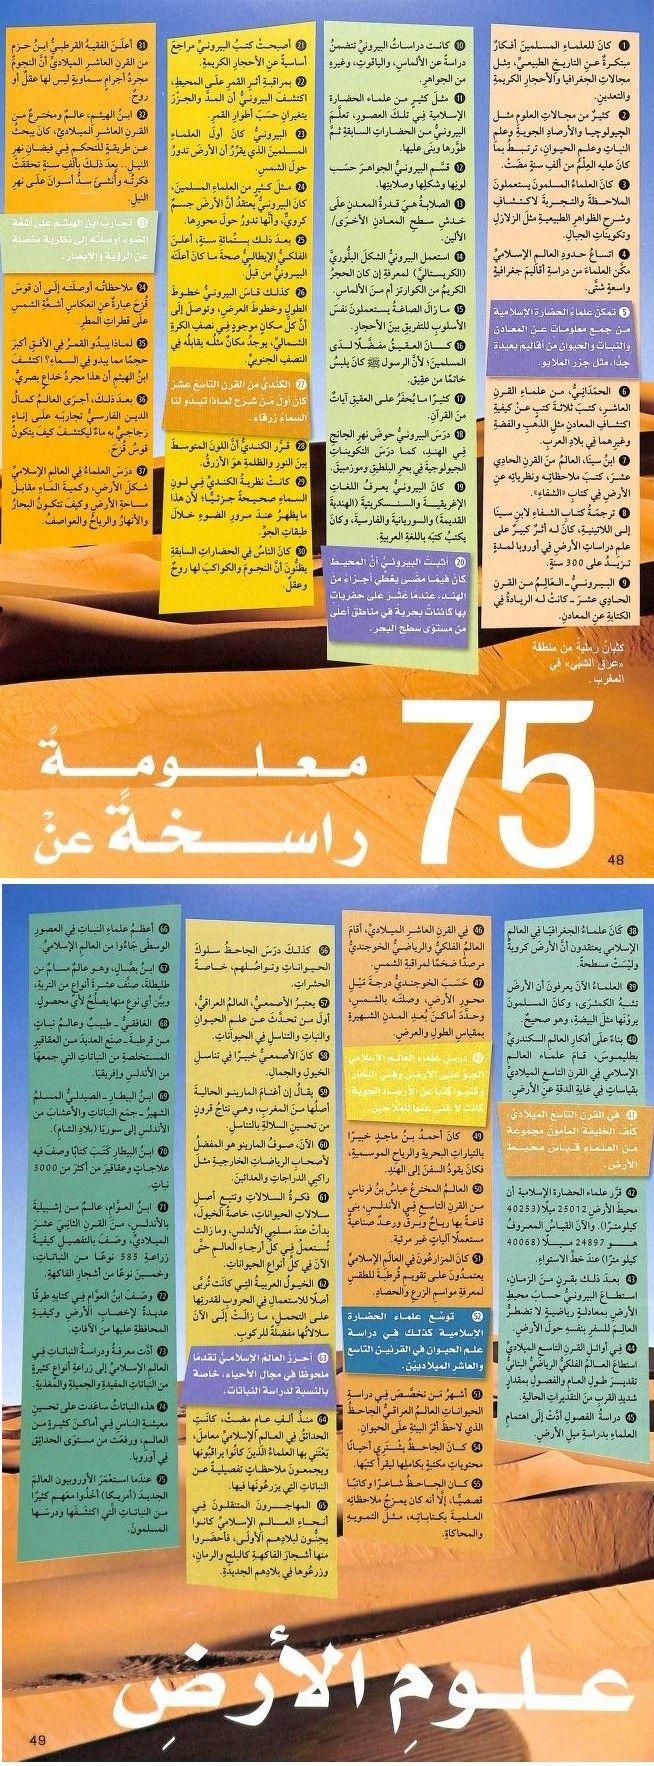 إحصاءات مدهشة تخص الحضارة الإسلامية خلال عصورها الدهبية Periodic Table